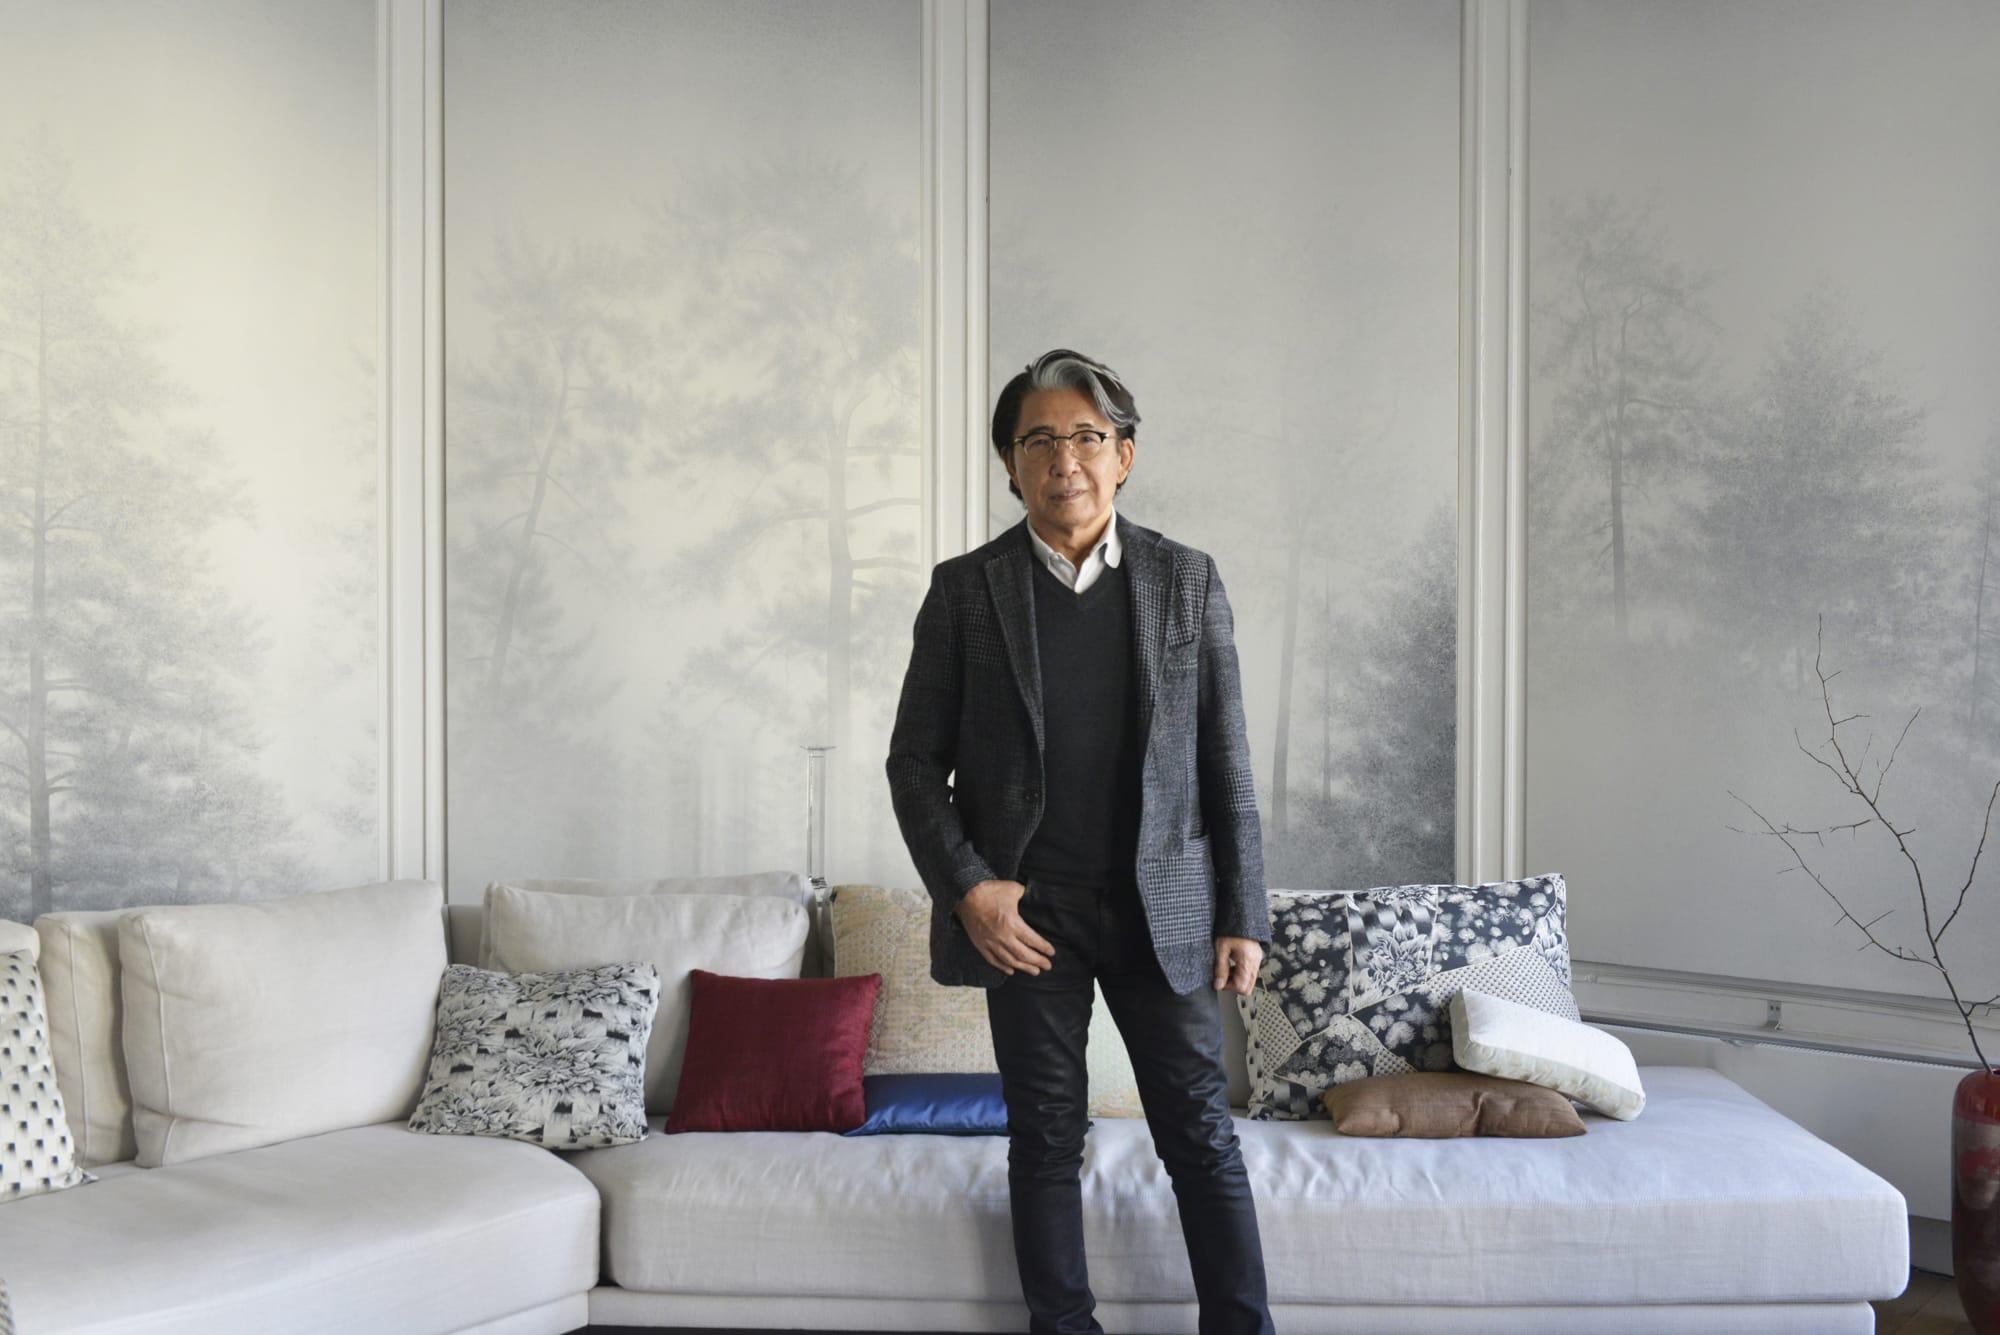 アトリエでの髙田賢三。長年愛用しているソファに自身のホーム&ライフスタイルコレクション「K三」の「Shogun」のクッションが加わった。アトリエの壁を飾るのは、パリ在住の日本画家・釘町彰の作品。